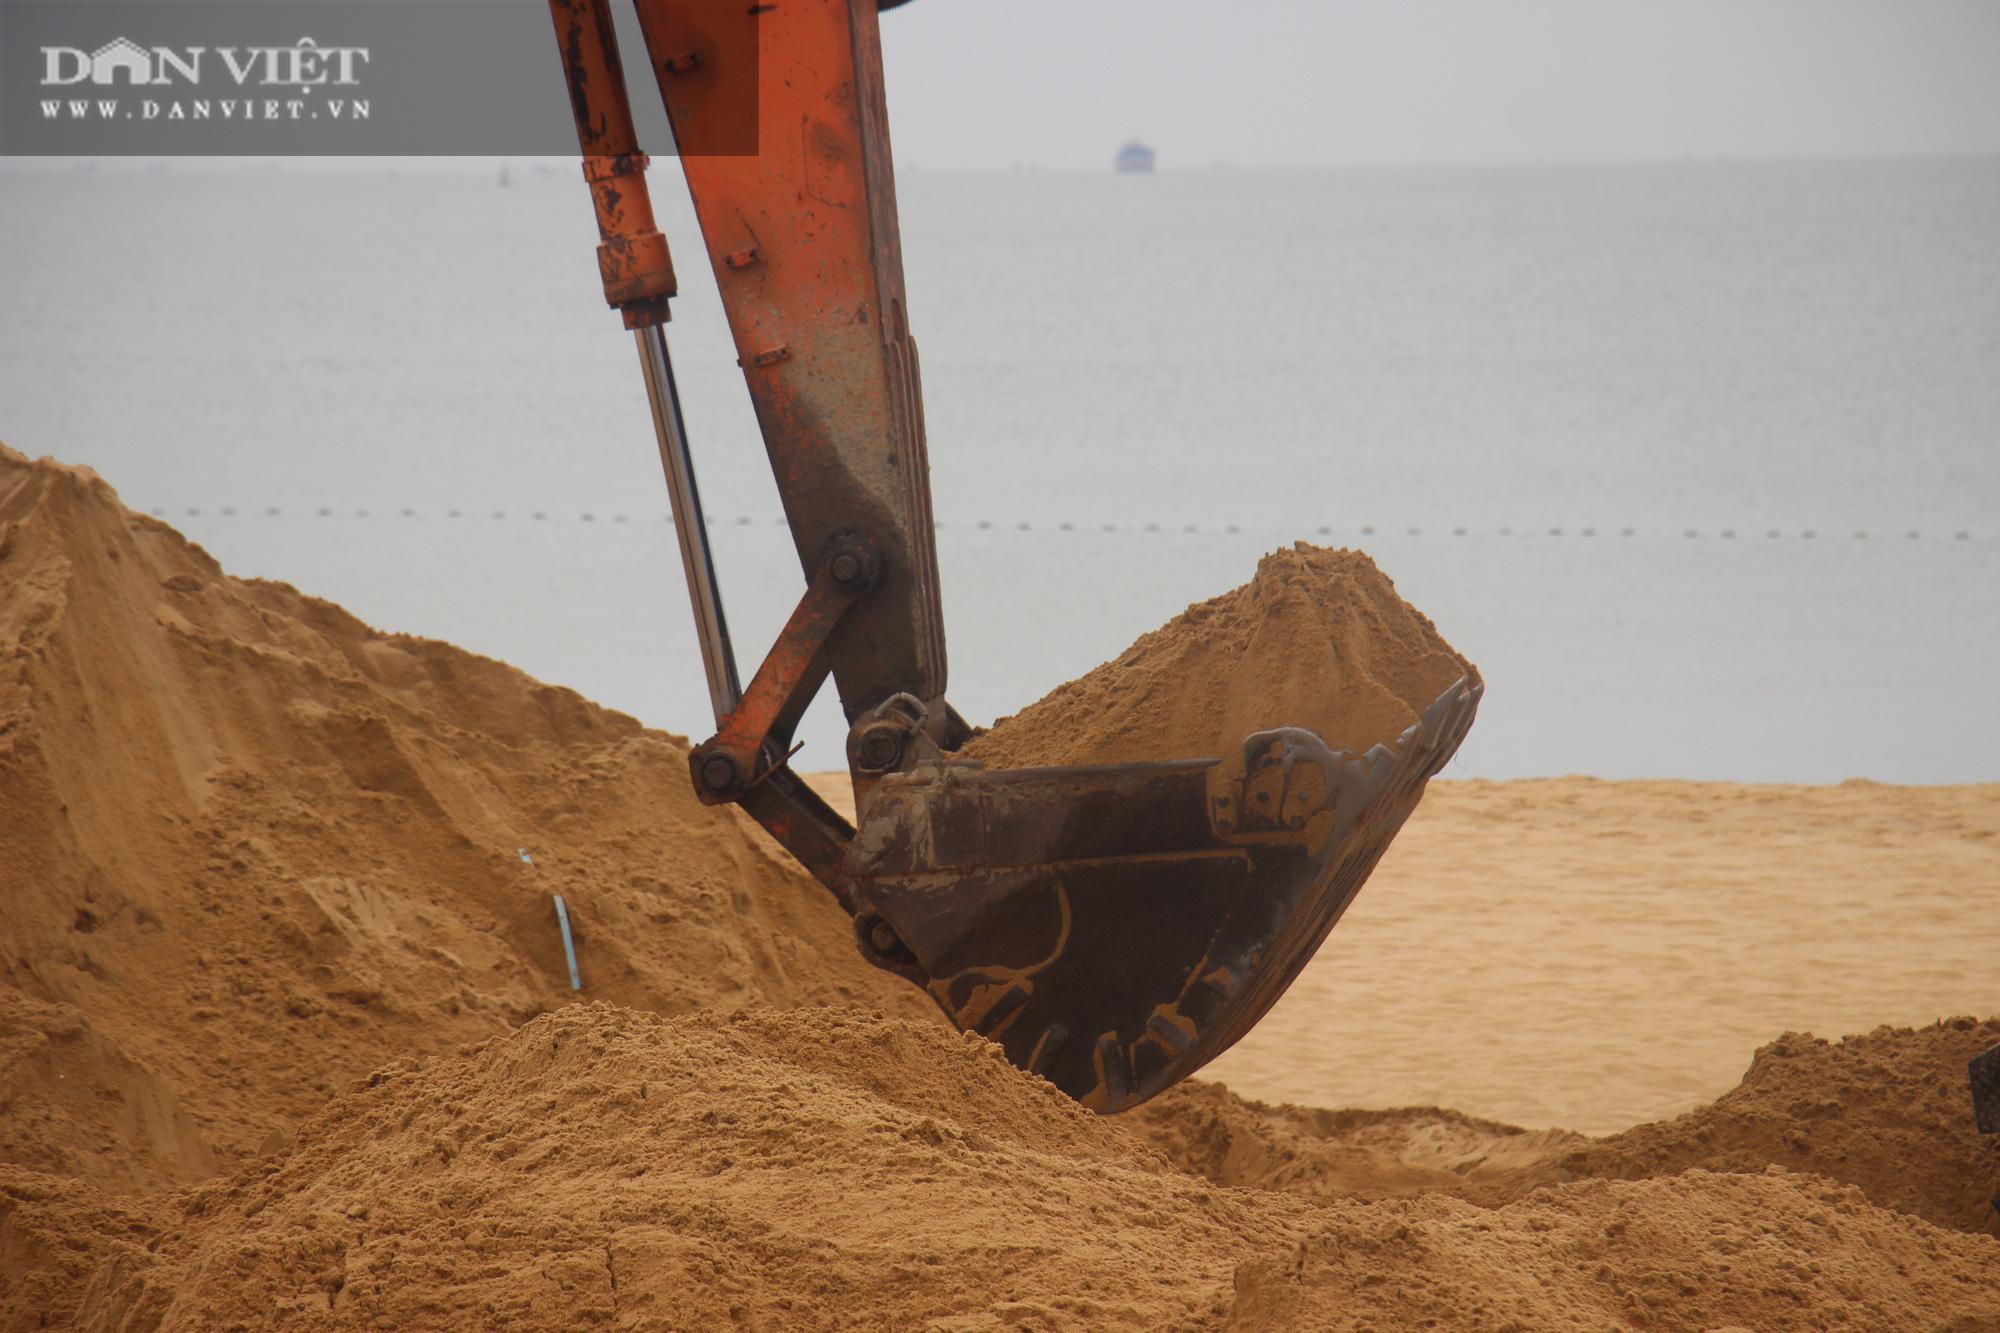 Cận cảnh cẩu 65 móng trụ bê tông không phép rời khỏi bãi biển Quy Nhơn - Ảnh 8.